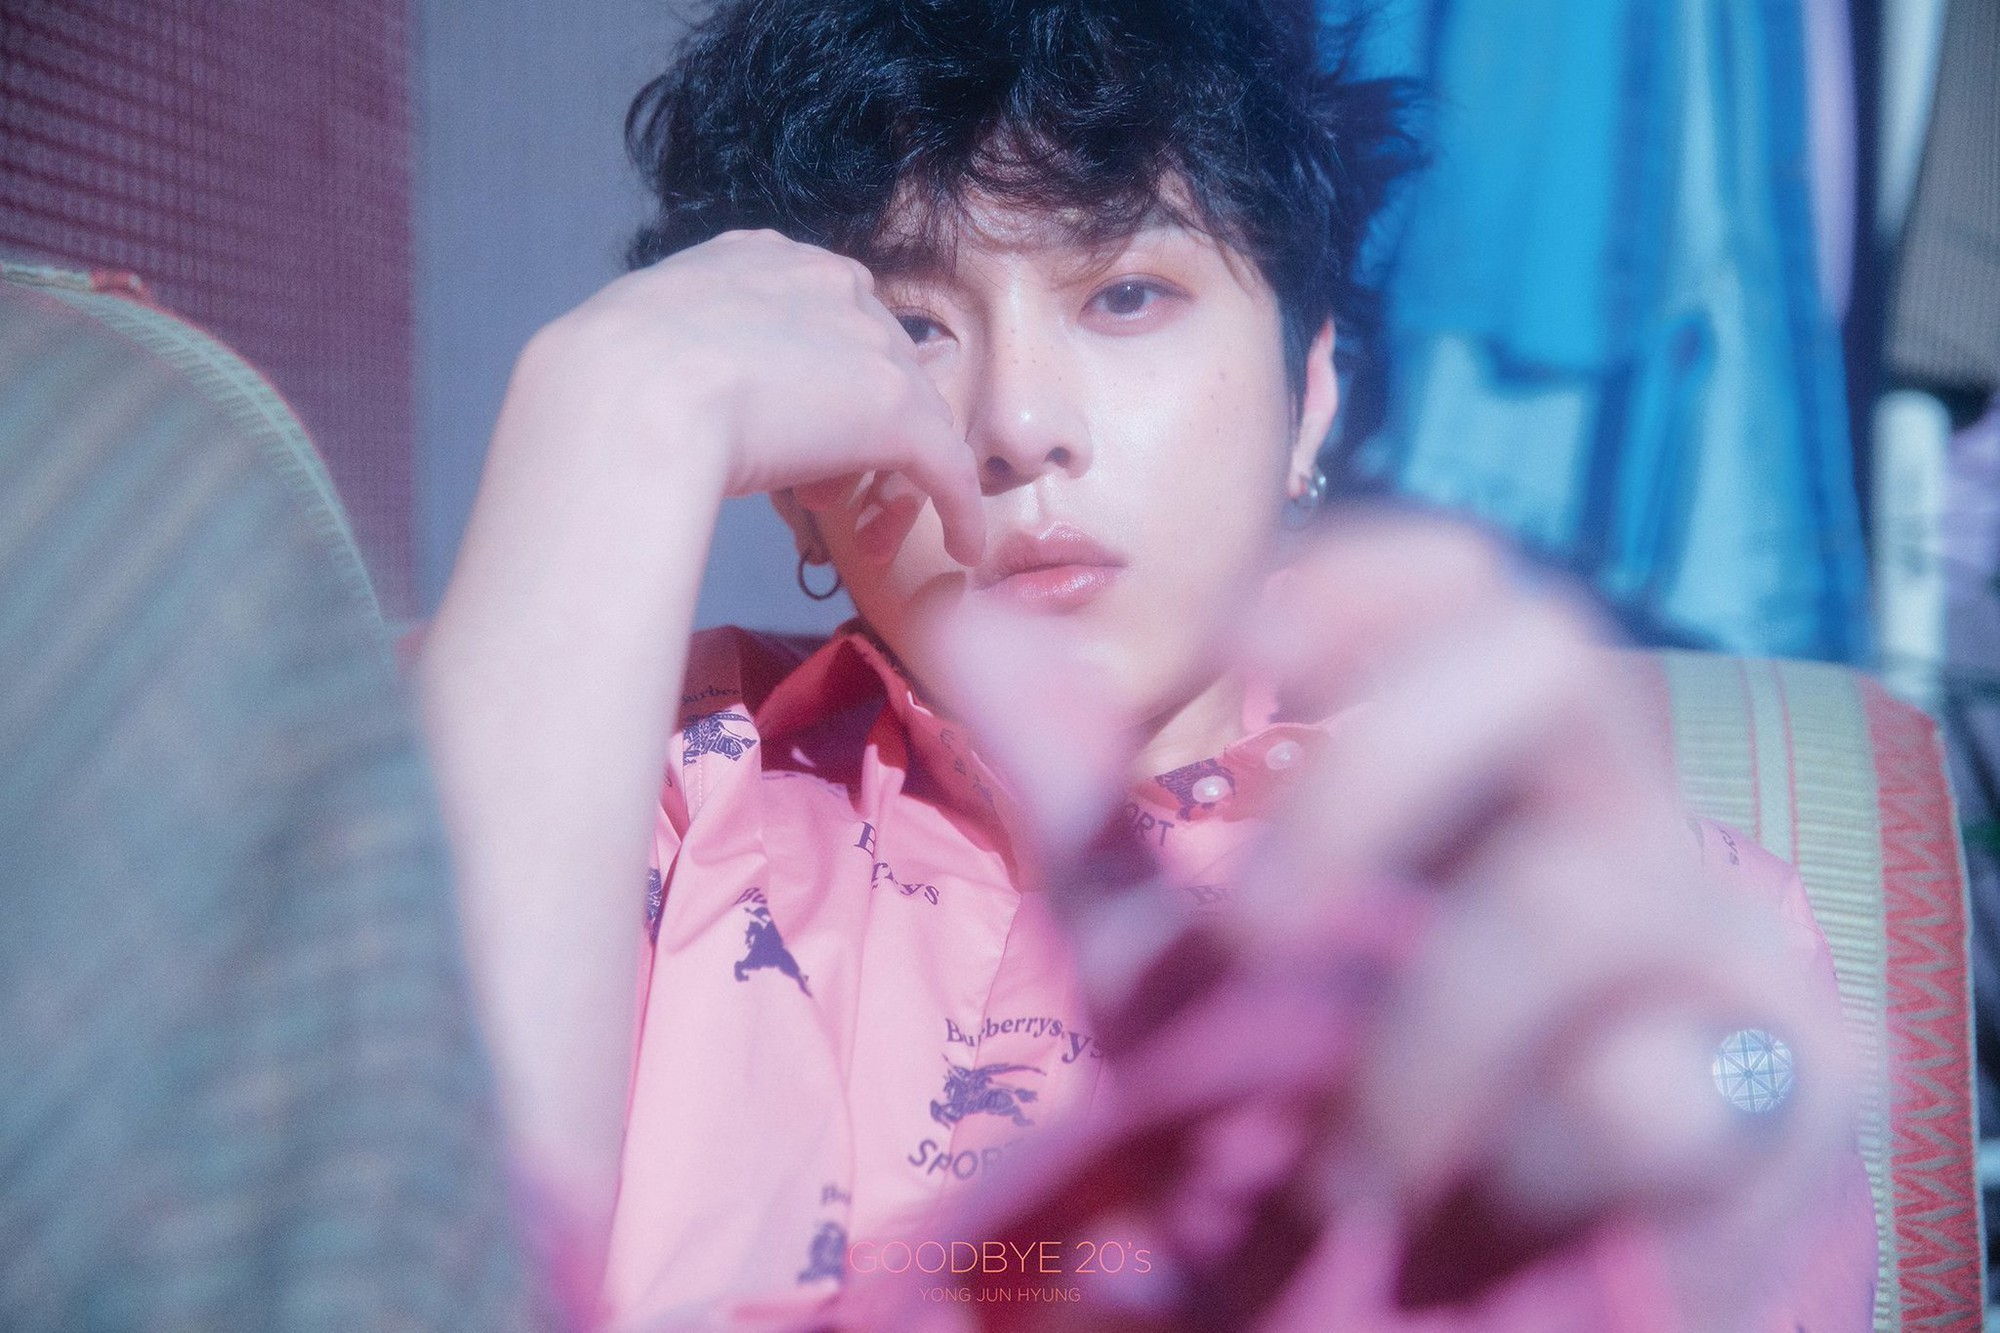 Bê bối của Seungri như một bộ phim truyền hình Hàn Quốc cực hot với đủ mọi quảng cáo, tin tức vây quanh nhưng vẫn khiến khán giả nóng lòng đón chờ - Ảnh 5.